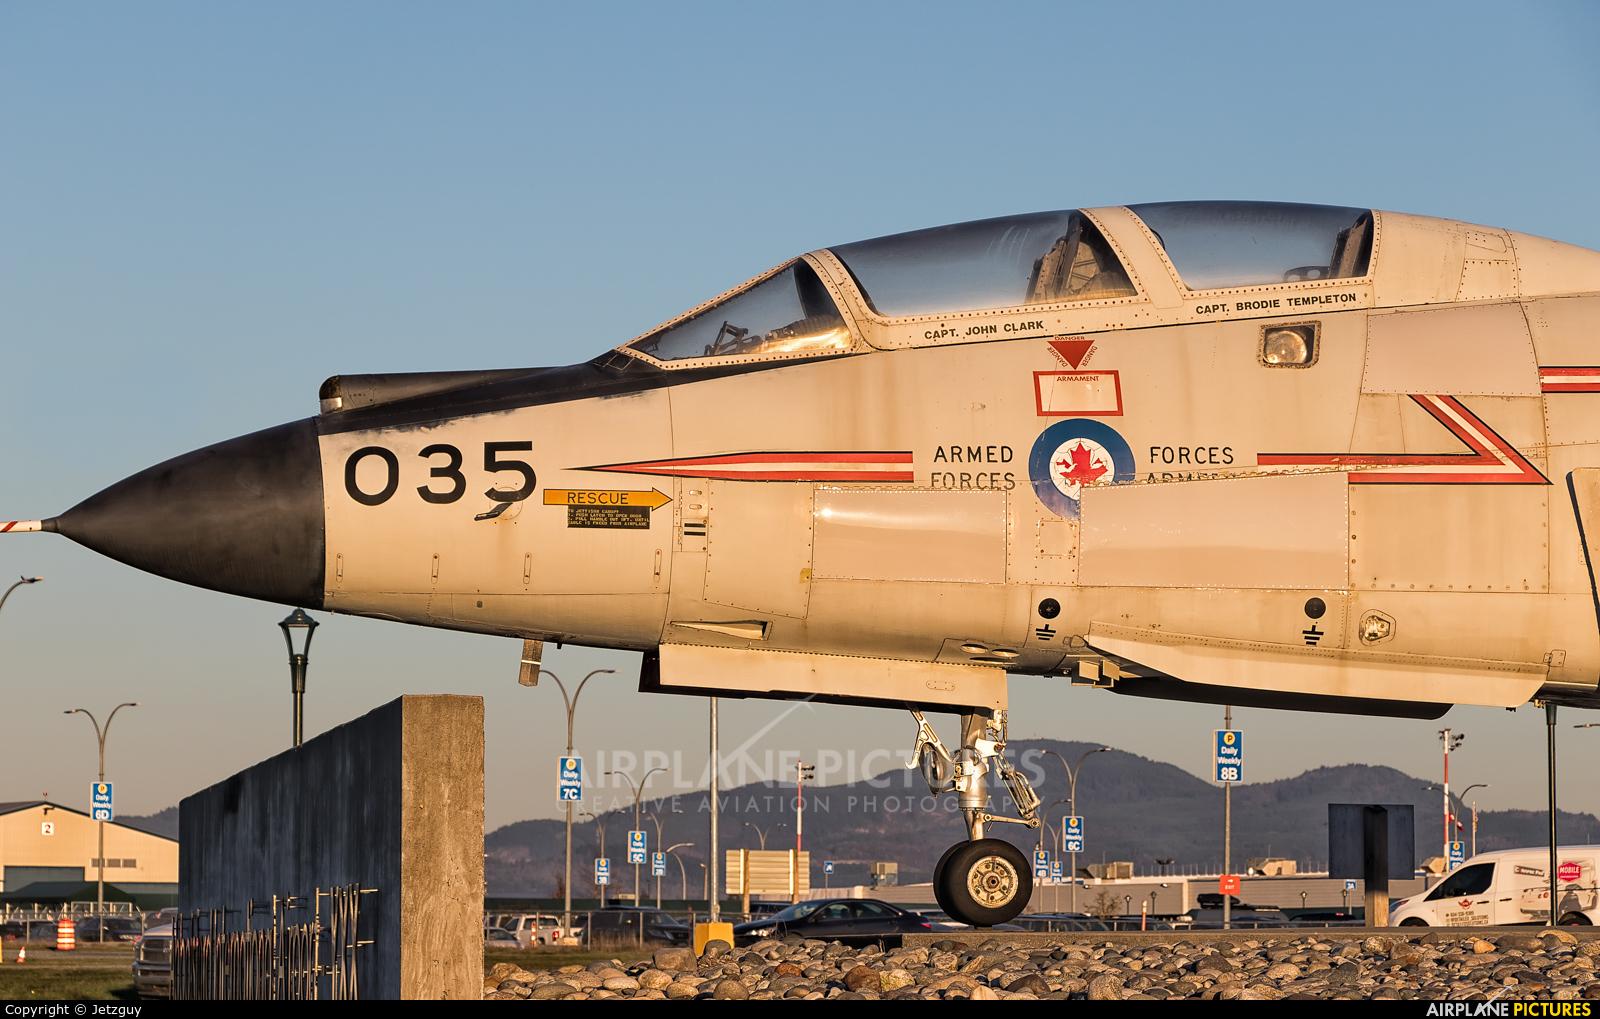 Canada - Air Force 101035 aircraft at Abbotsford, BC